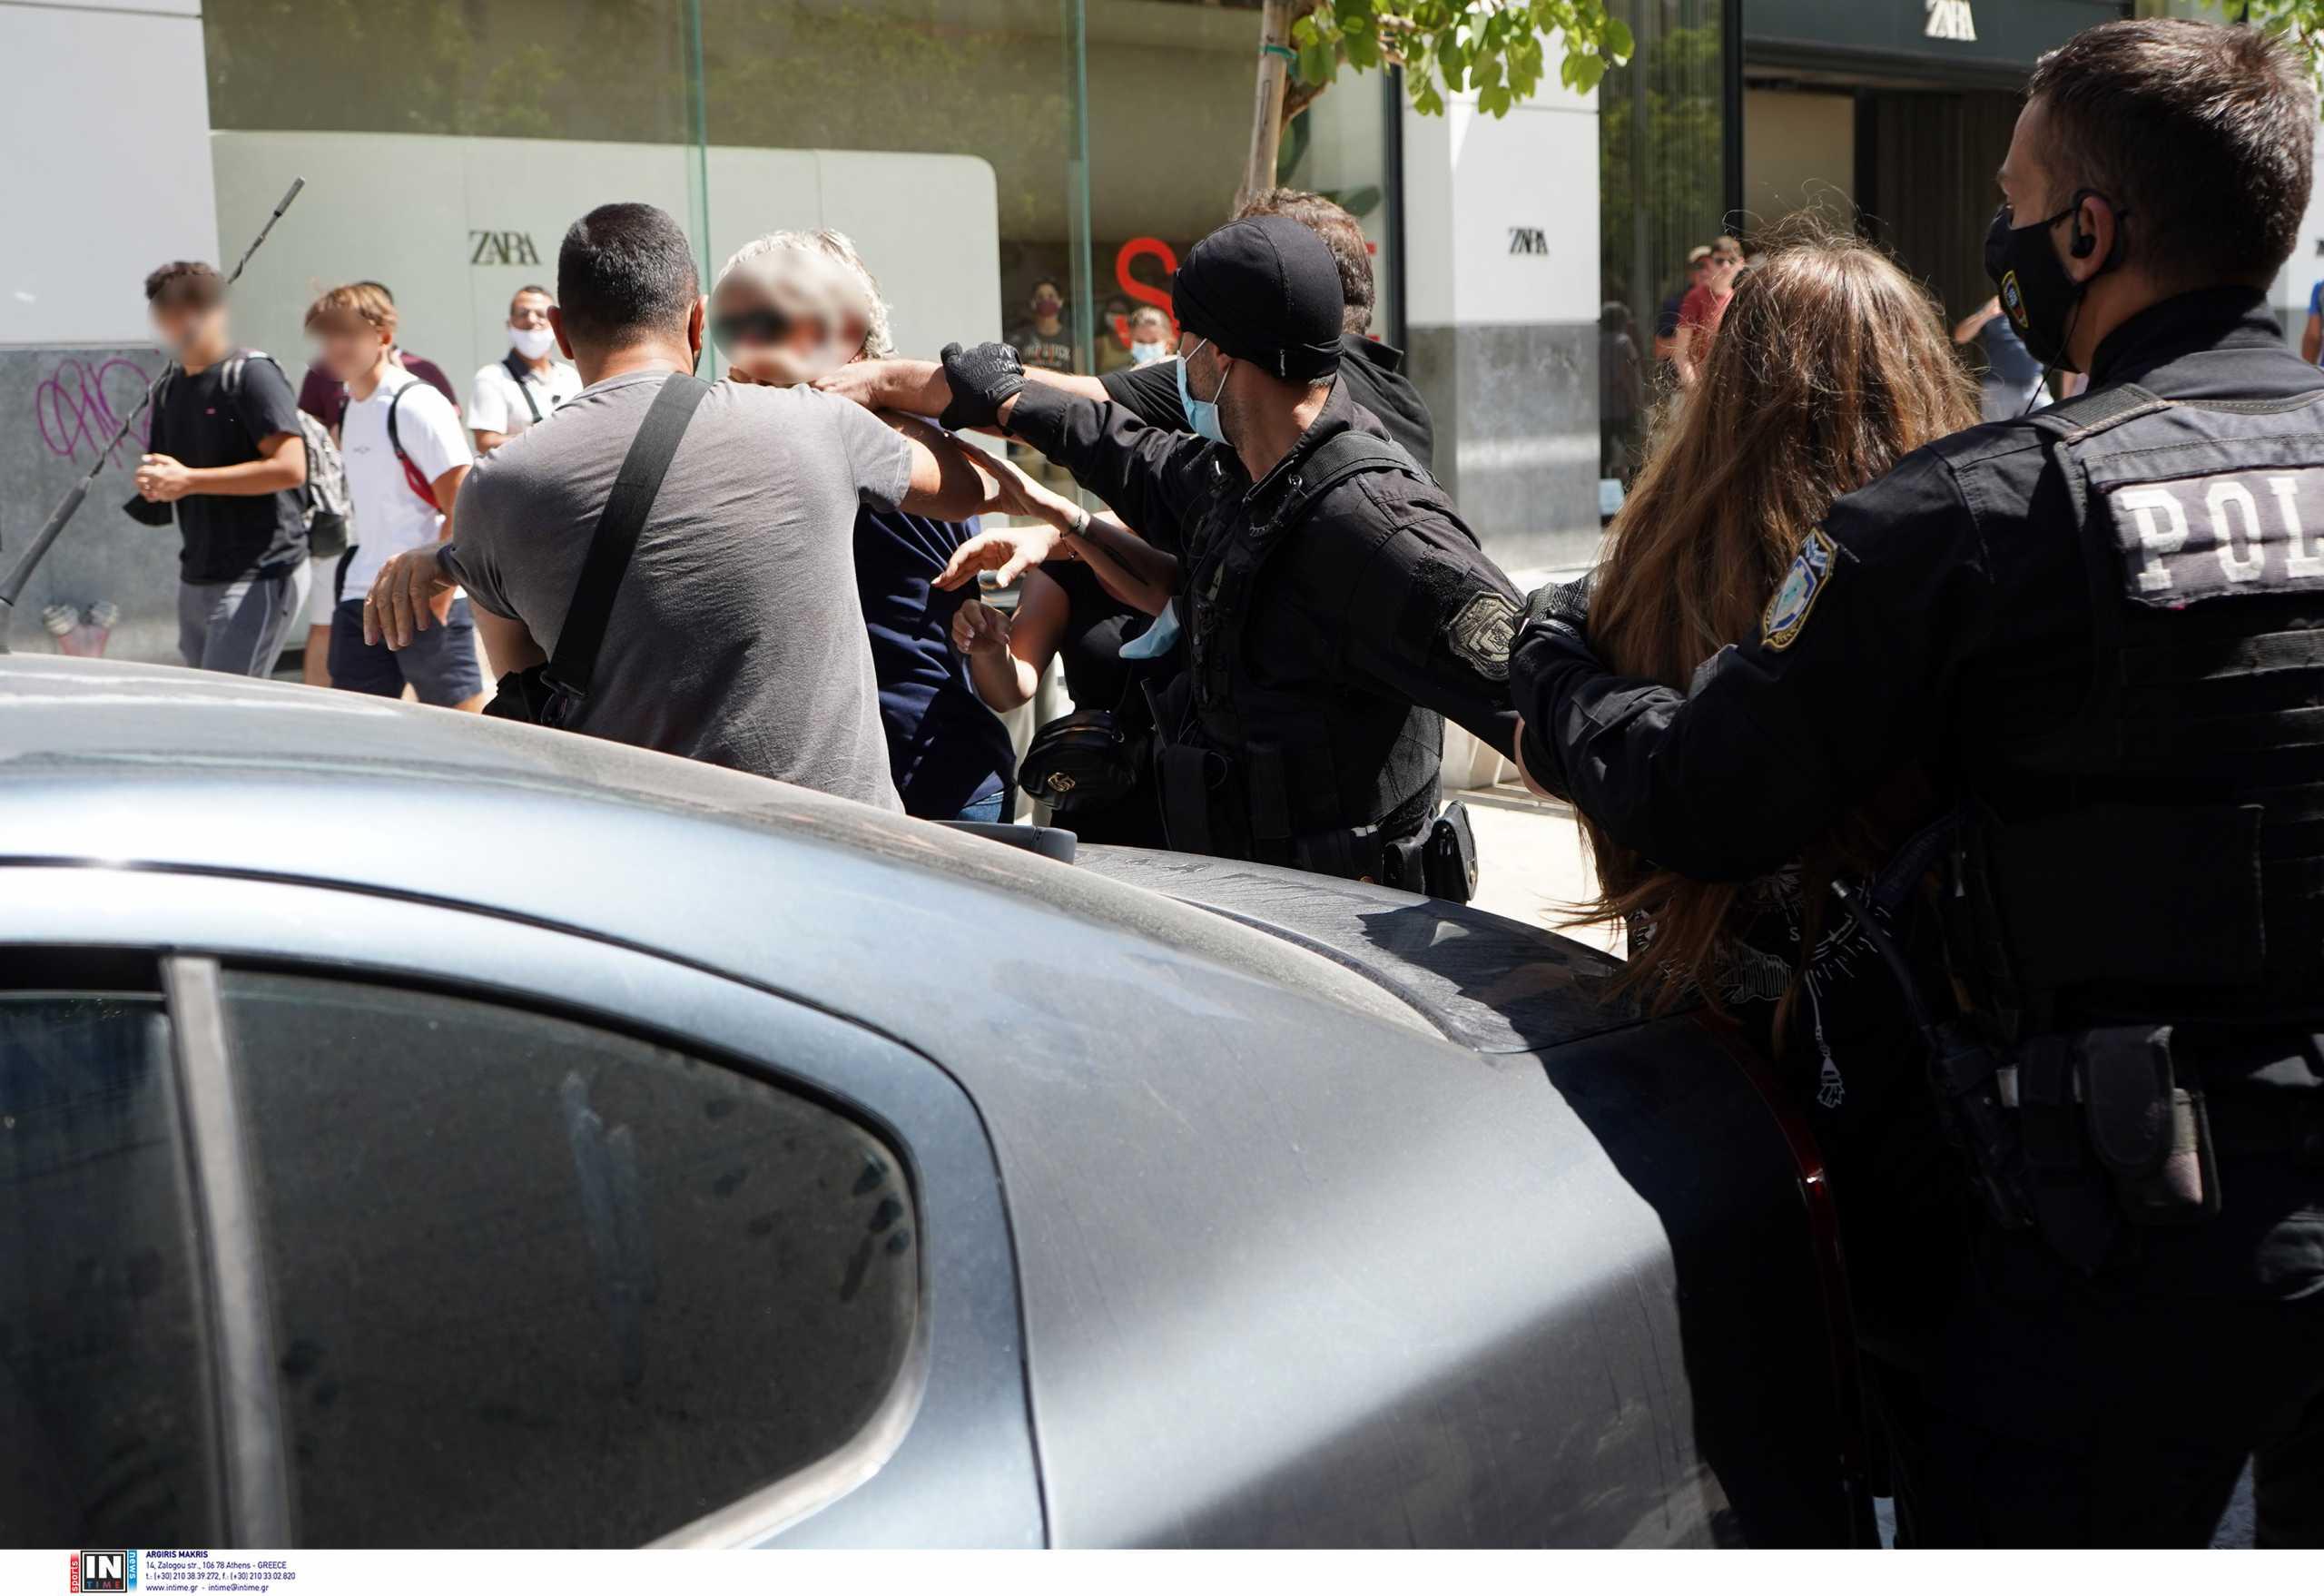 Έγκλημα στη Μεσαρά: «Αστακός» τα δικαστήρια για την απολογία του Ρουμάνου δολοφόνου